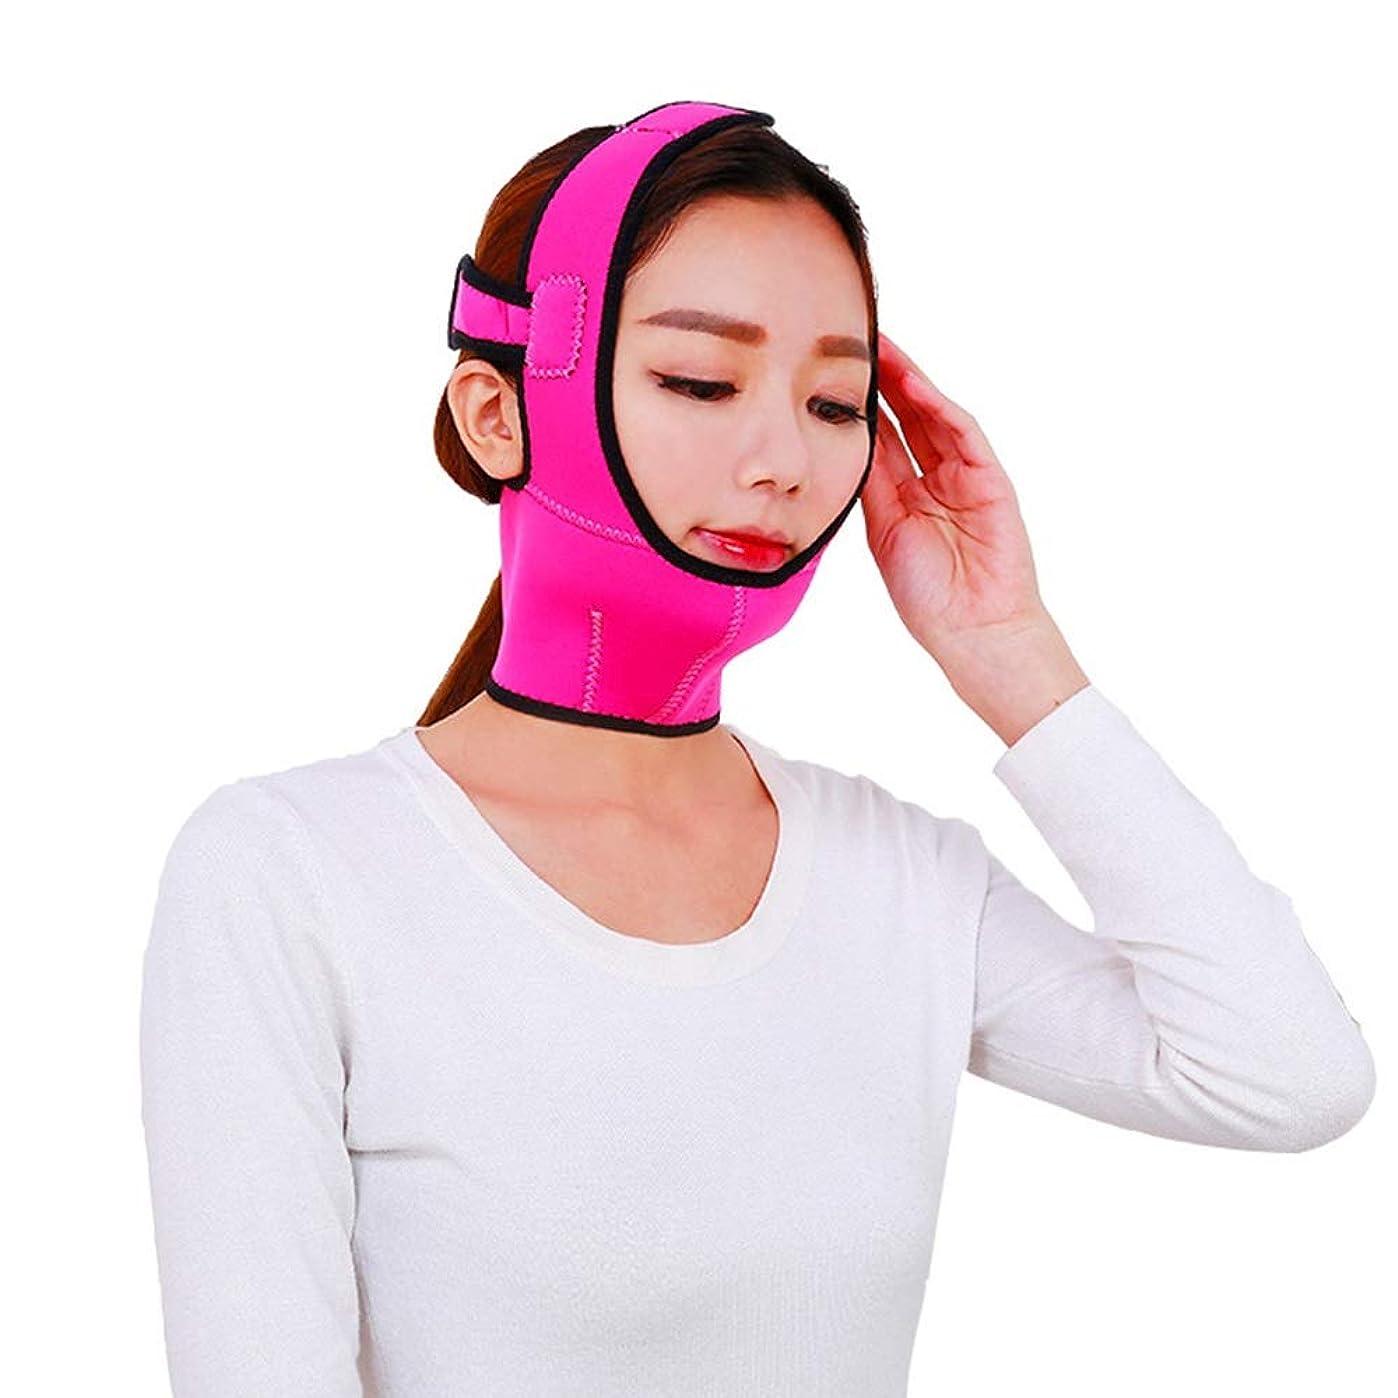 名詞折るステレオ顔を持ち上げるベルト通気性の顔面リフティング包帯ダブルチン顔面リフティングマスクを締めるV顔面顔面リフレッシングツール